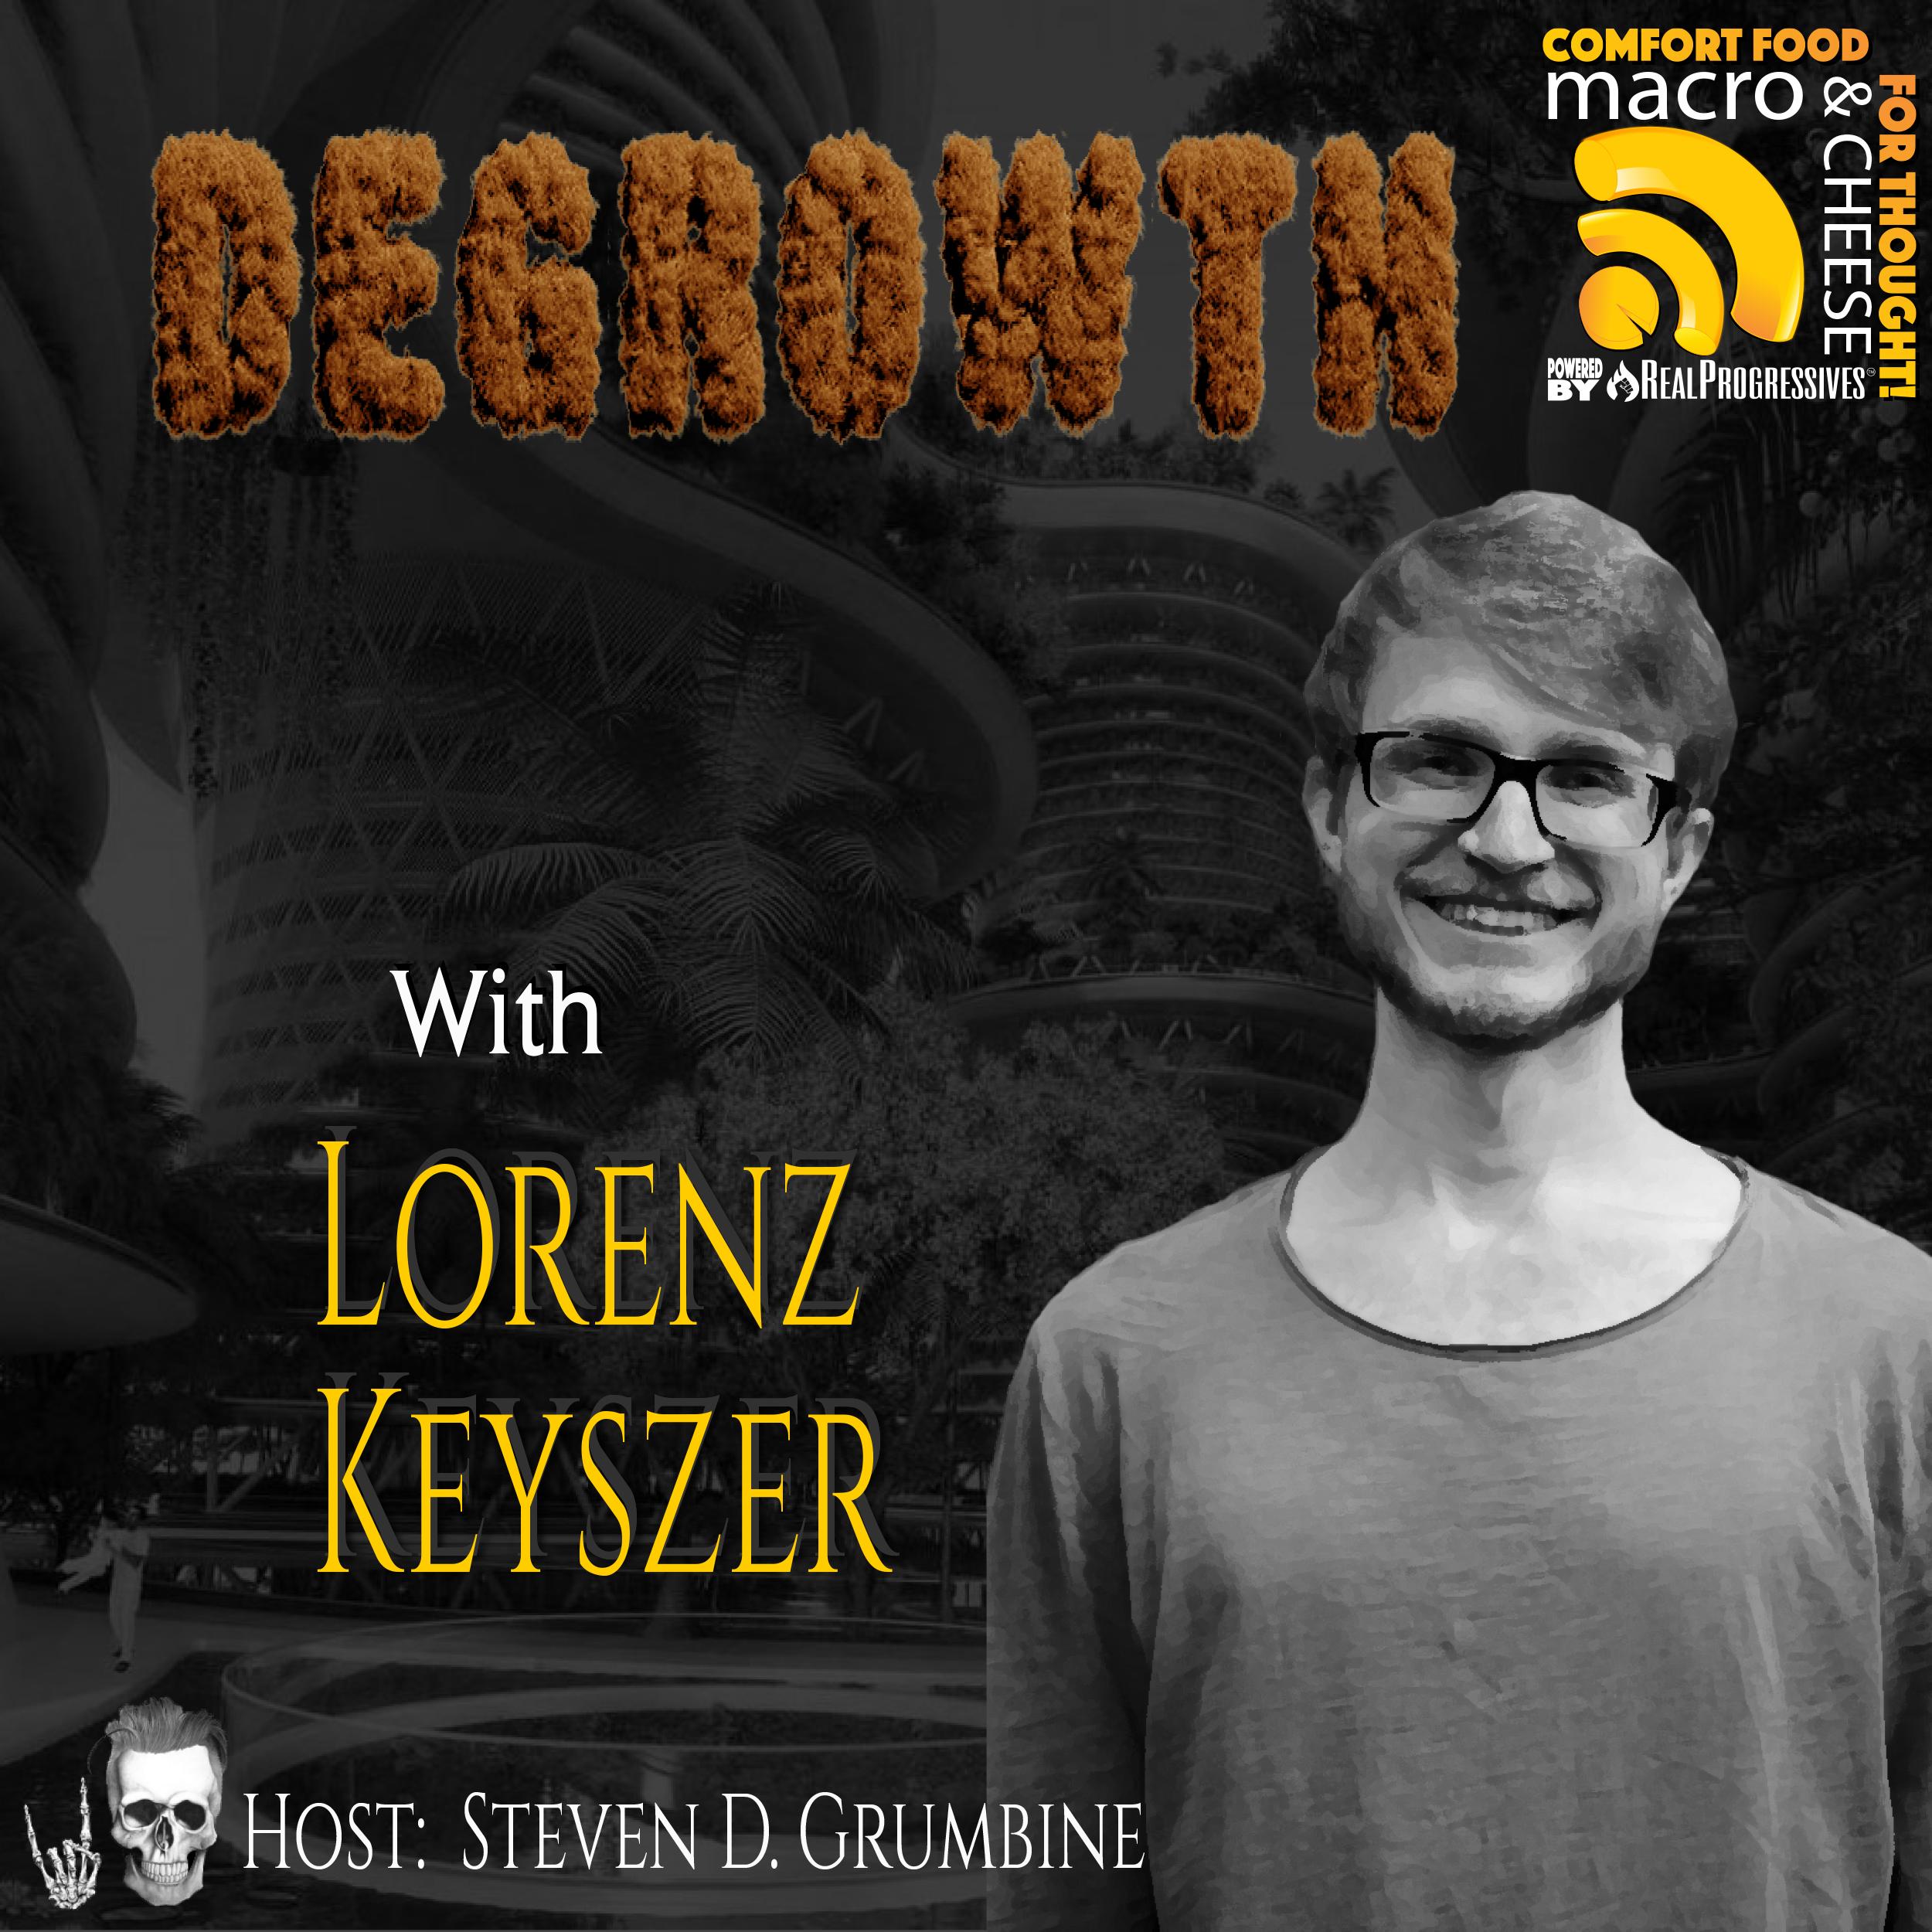 Degrowth with Lorenz Keyszer